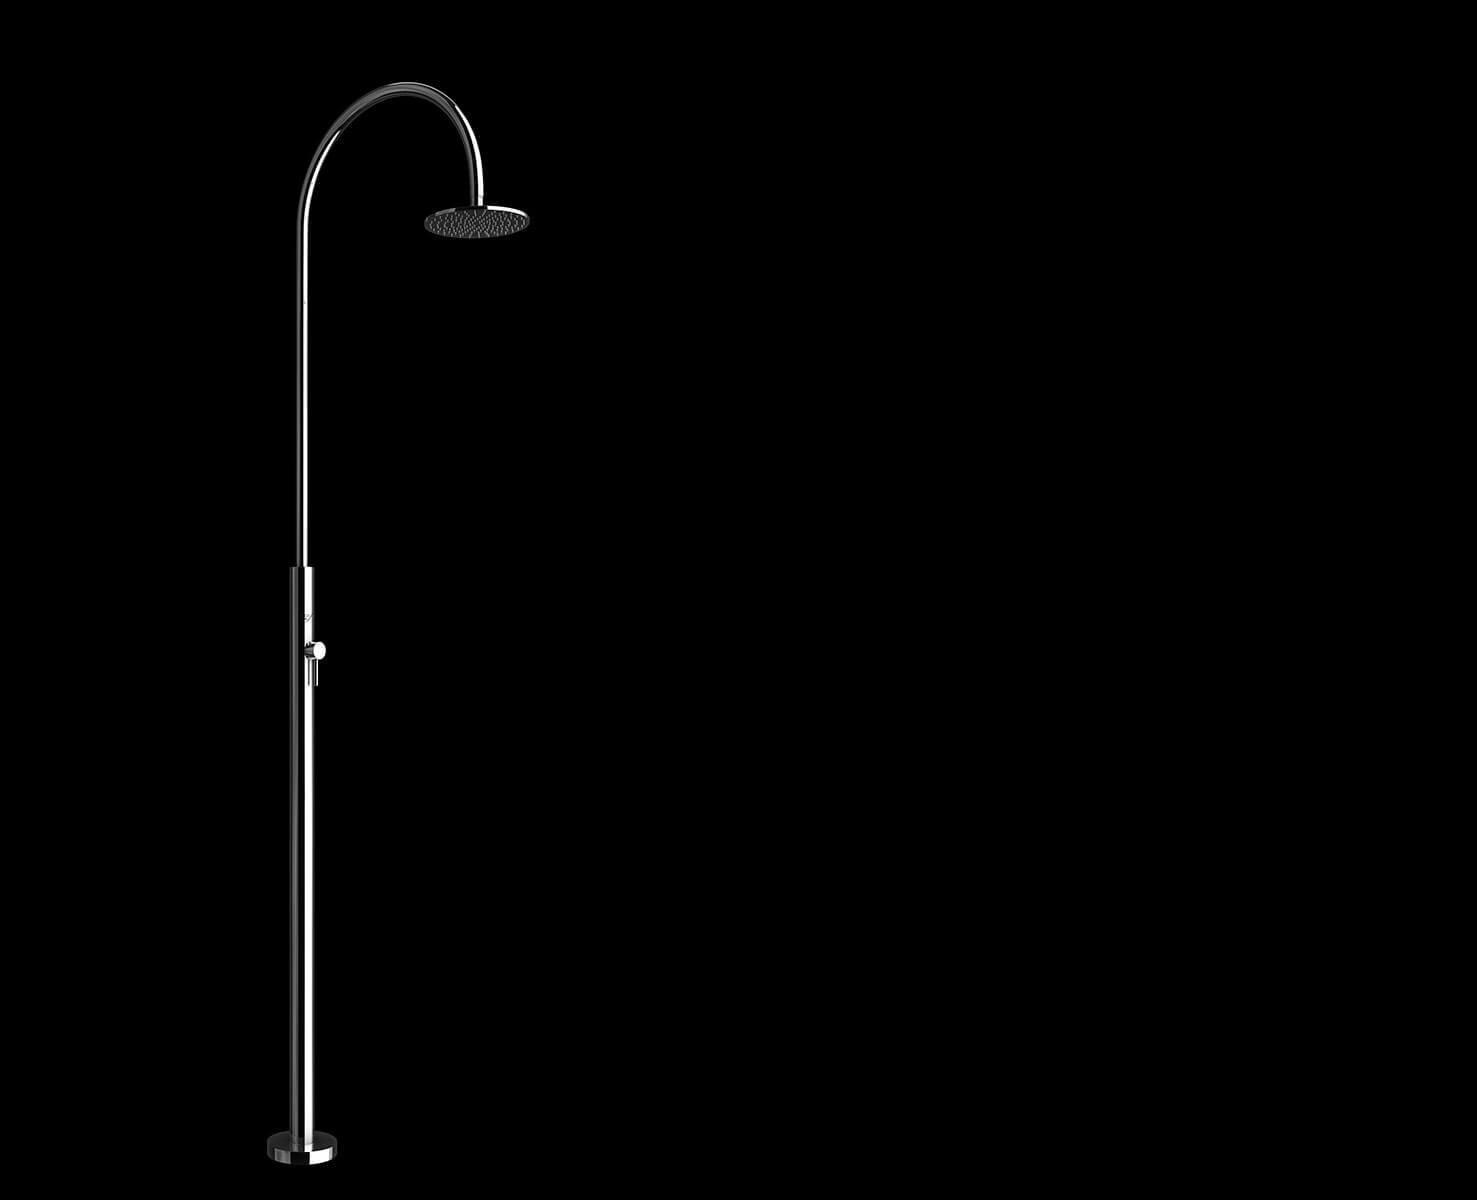 Immagine doccia per esterno, per piscina, per giardino - Aria Cylinder Inoxstyle